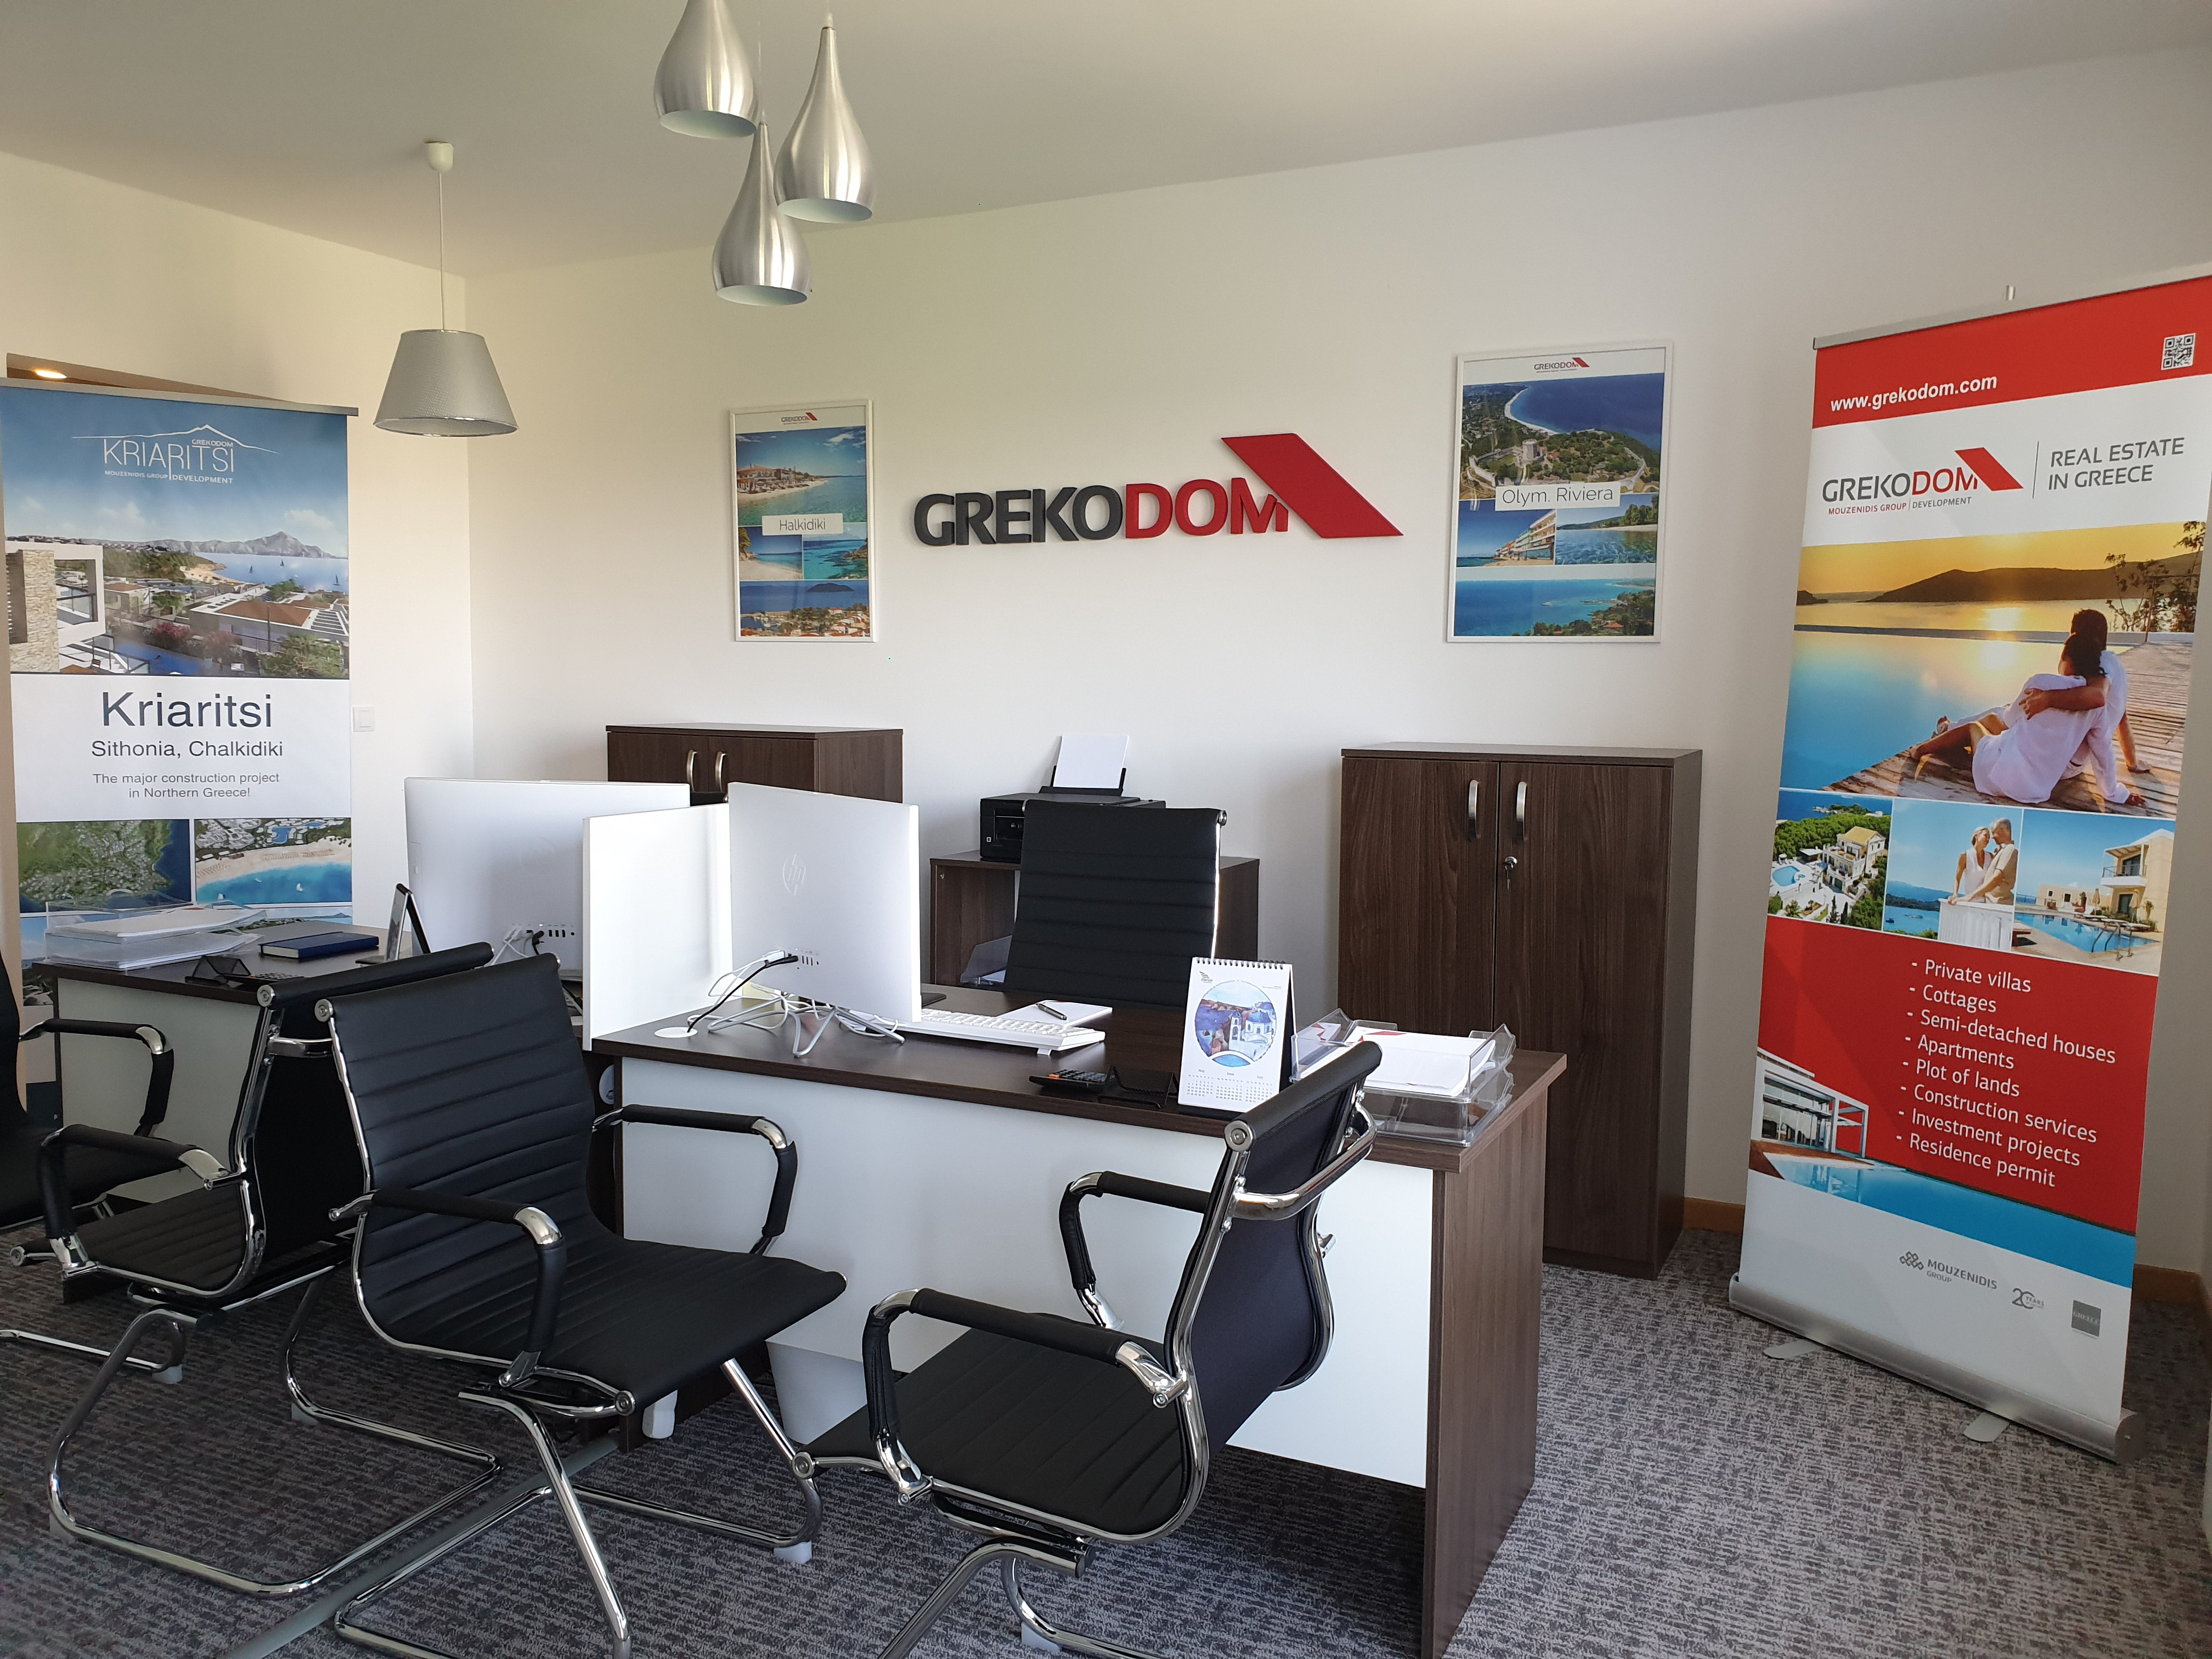 Καινούργιο γραφείο της Grekodom Development άνοιξε στο Βελιγράδι